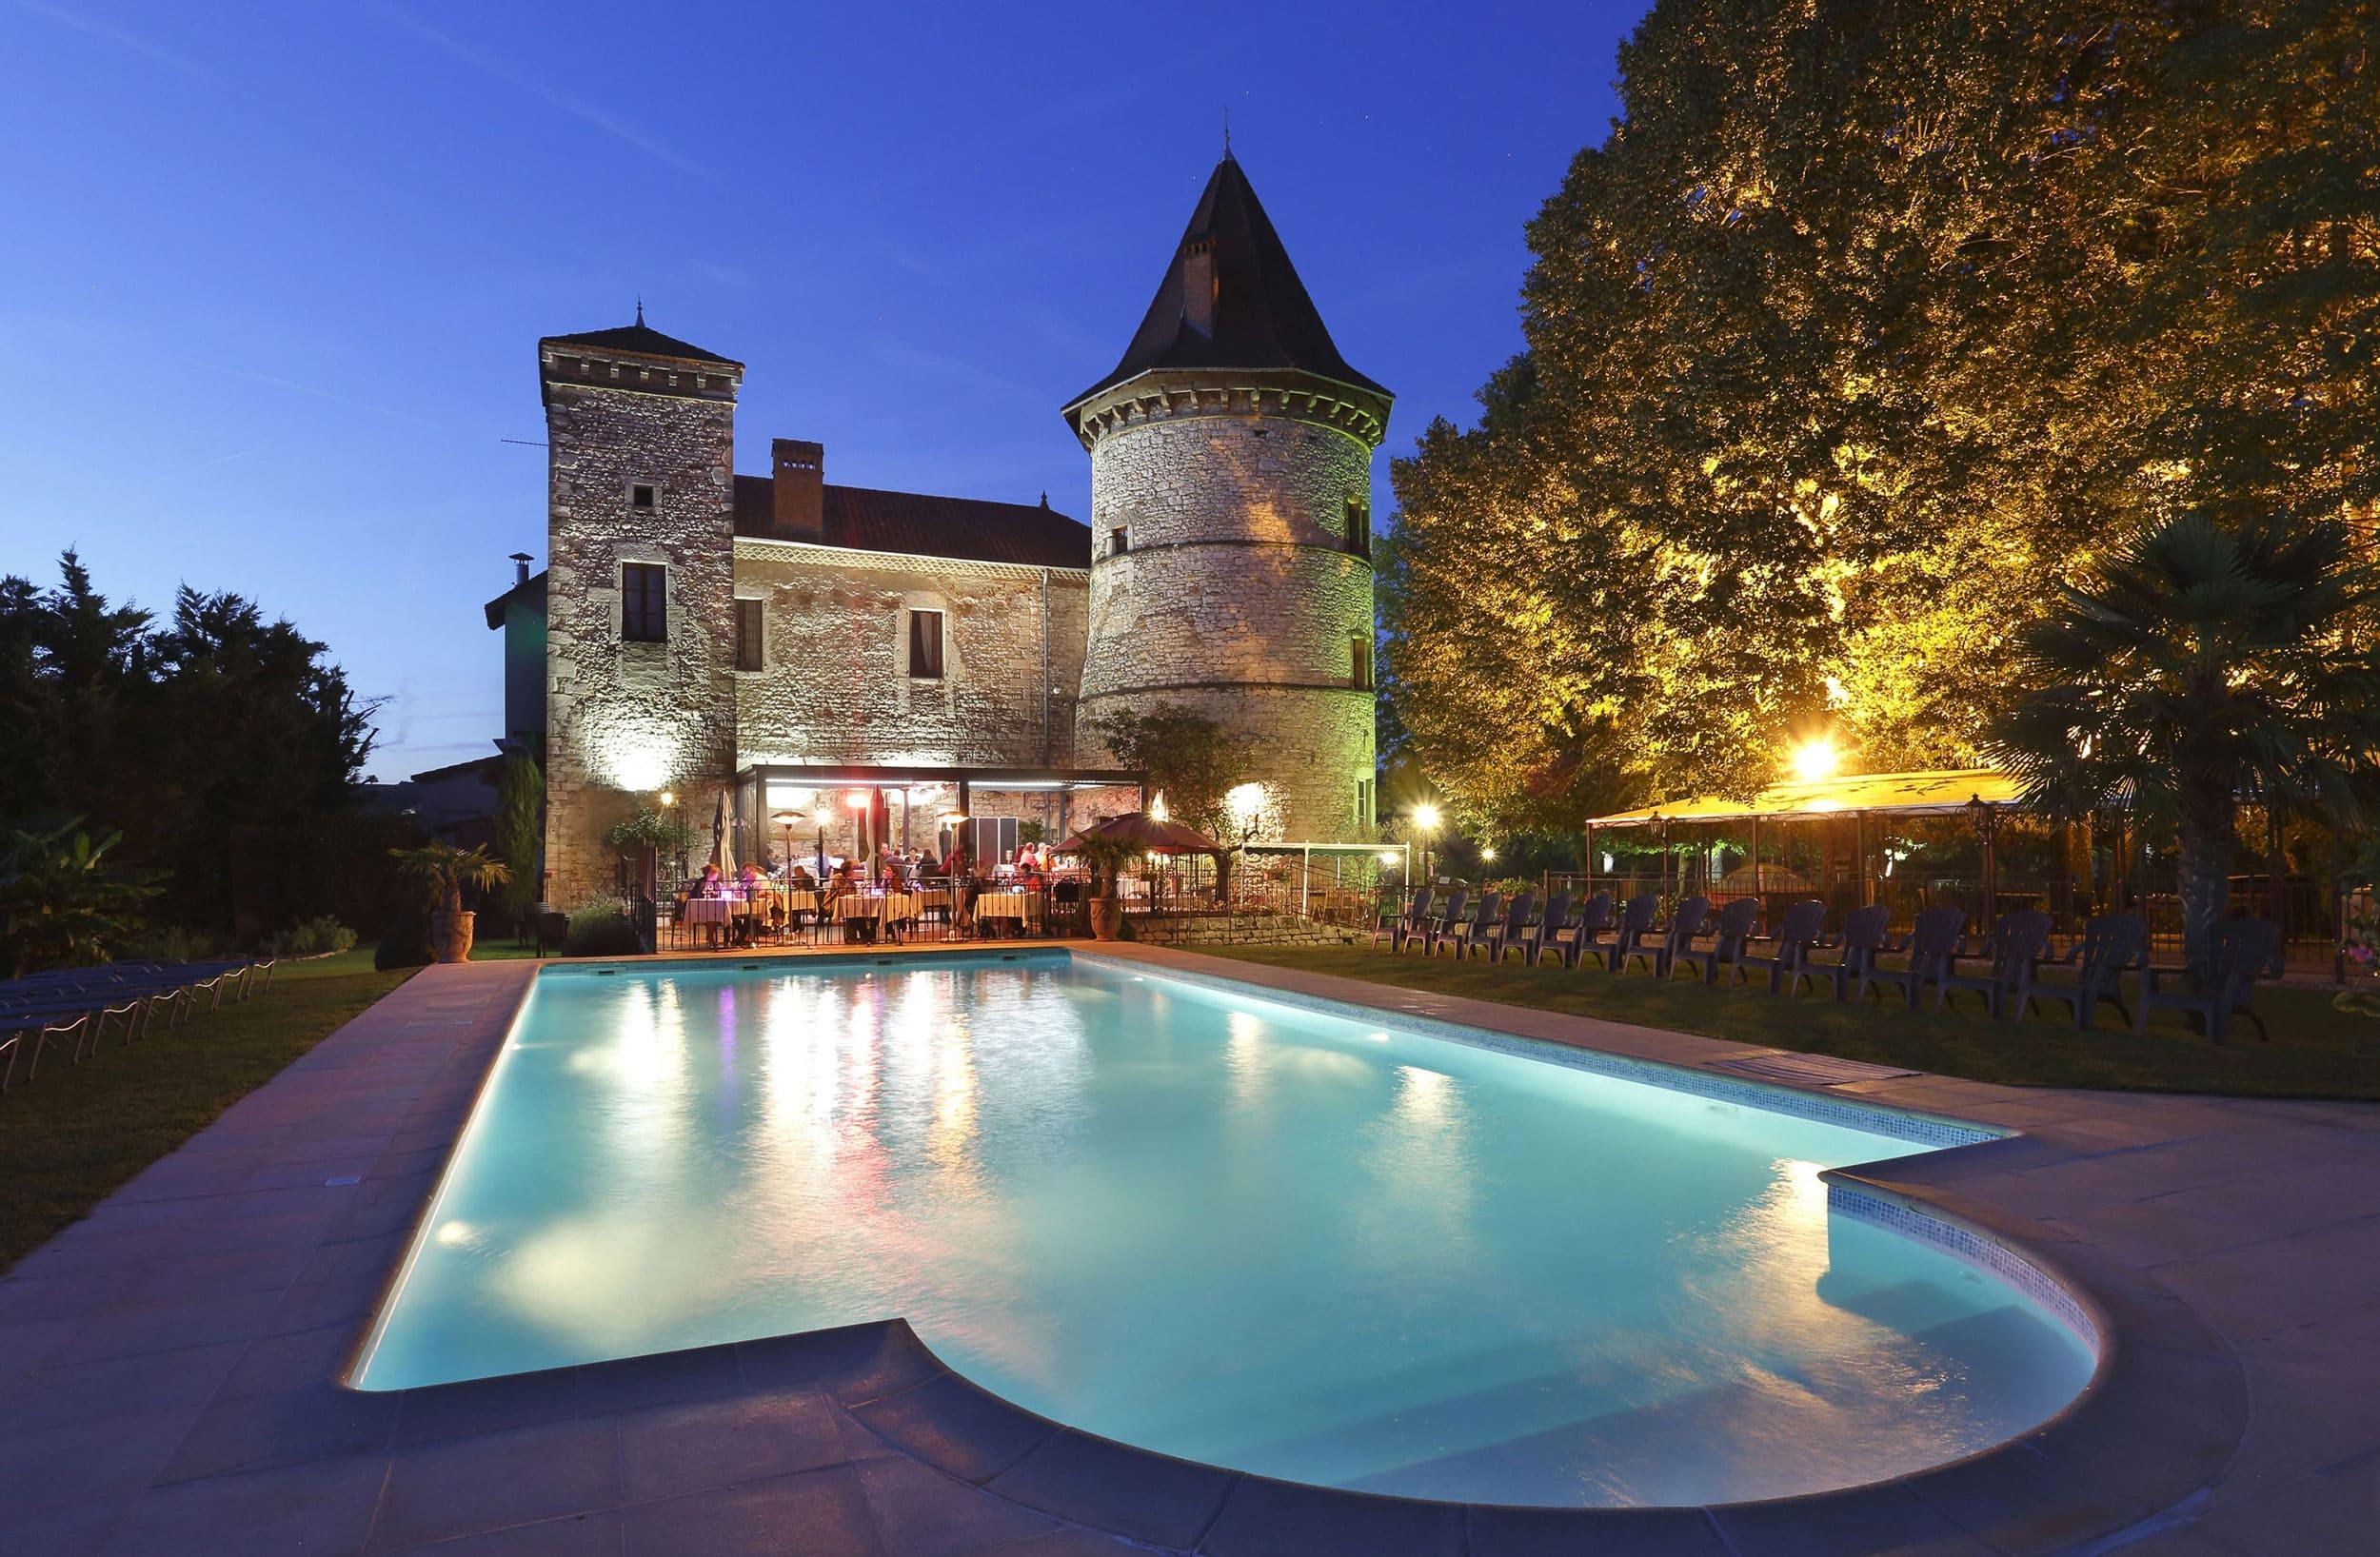 Piscine de l'Hôtel 4 étoiles et Spa ChateauChapeau Cornu à Vignieu dans l'Isère (38)